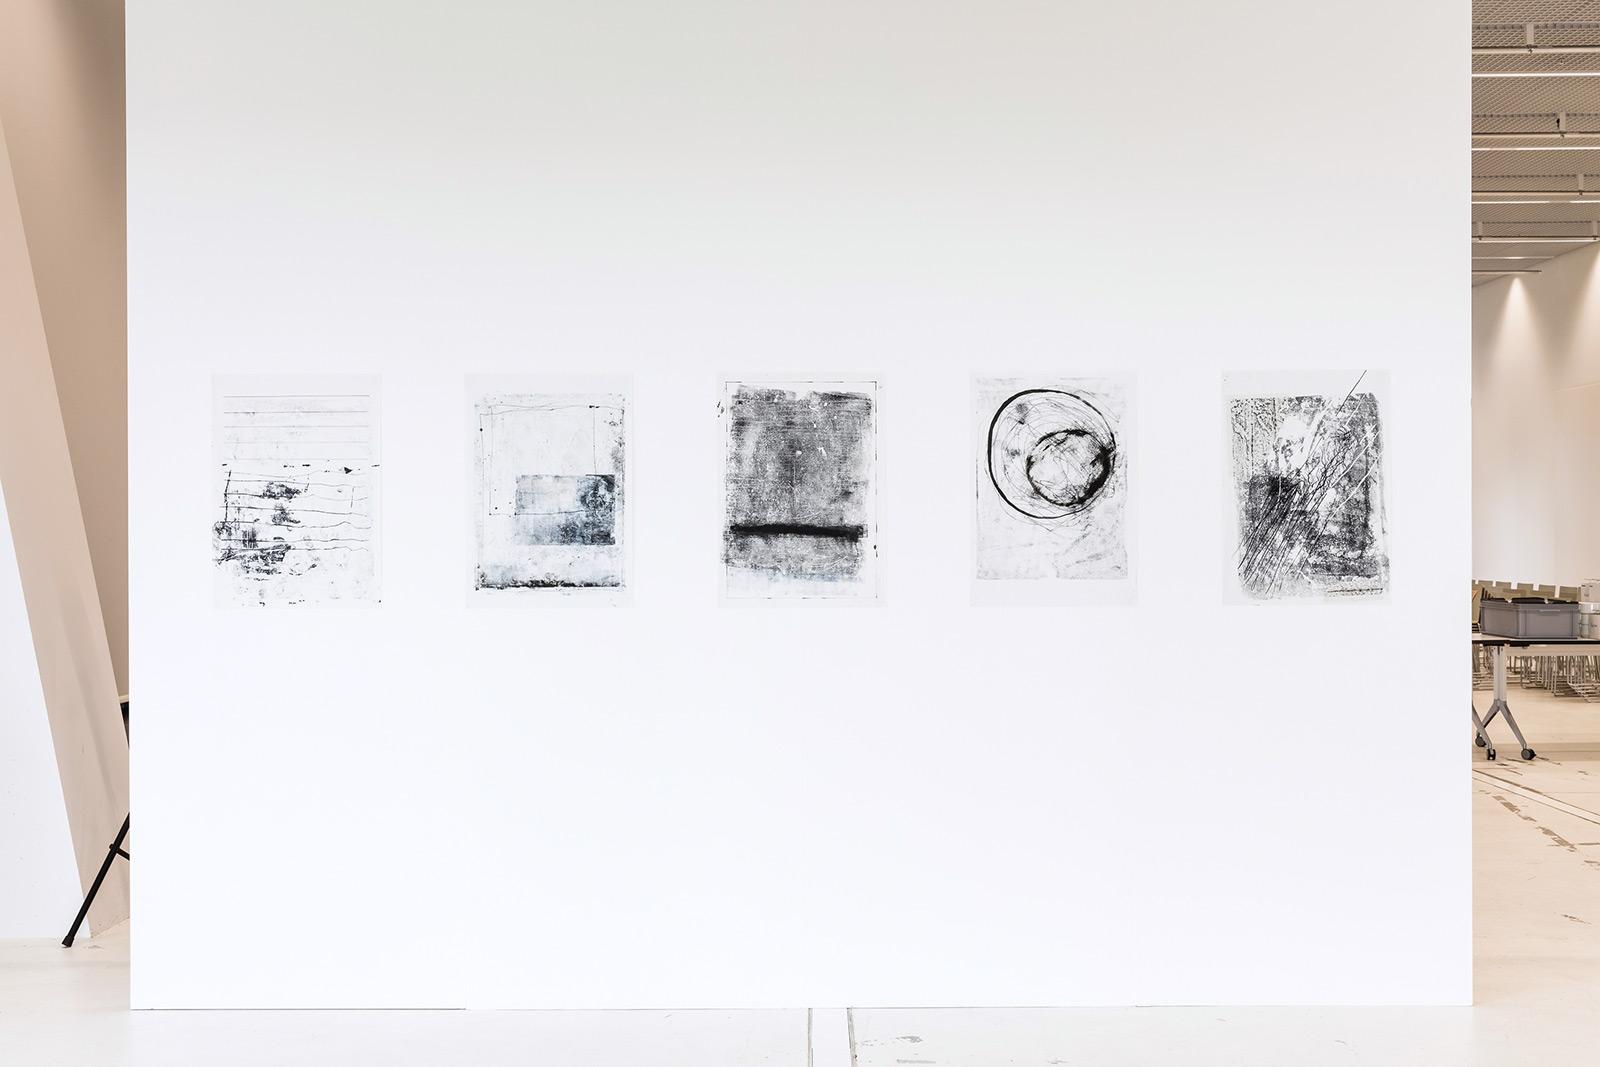 Martina Ettlin «ohne Titel» | LGK Lehrberufe für Gestaltung und Kunst, Diplom 2016